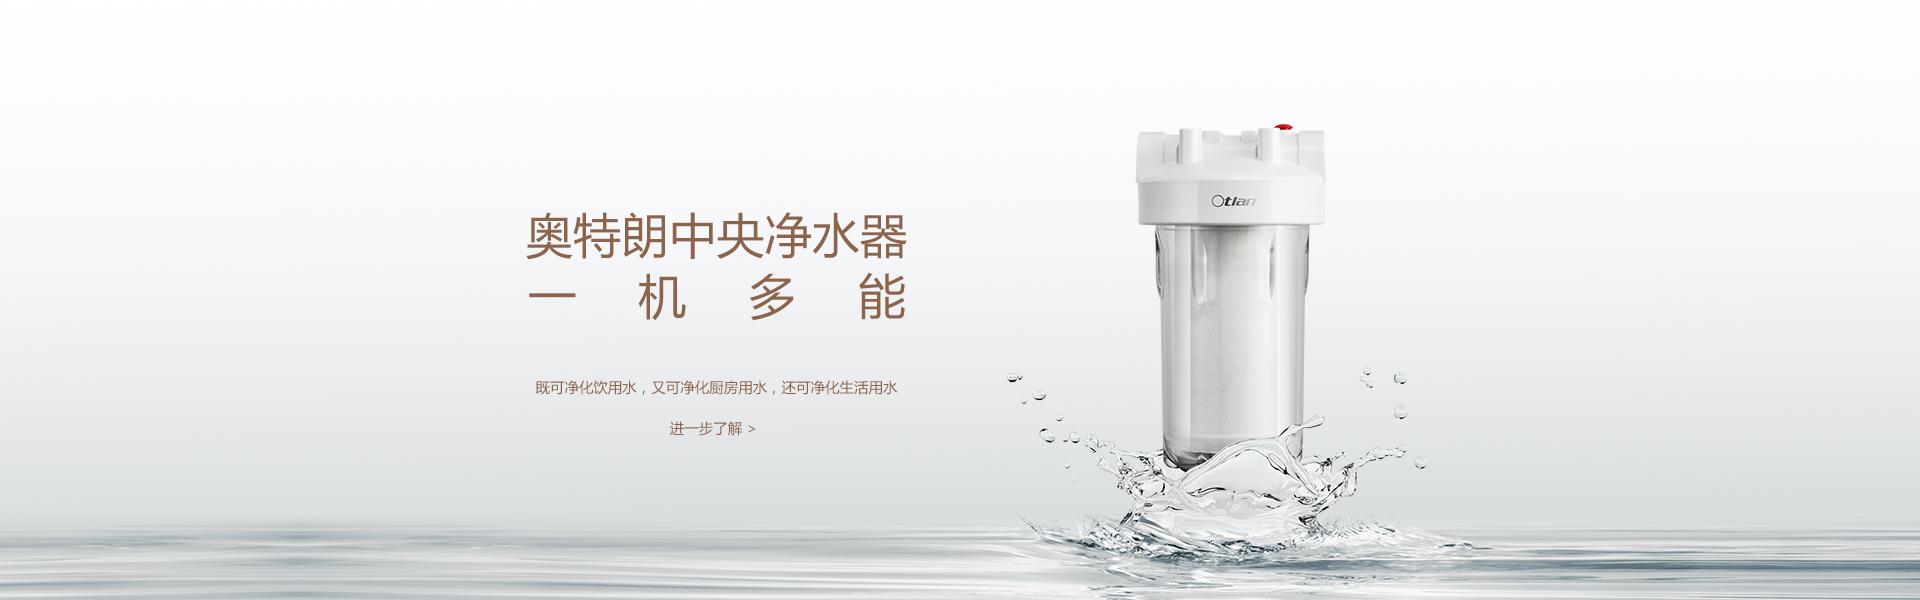 奥特朗净水器,中央净水器,全屋净水十大品牌